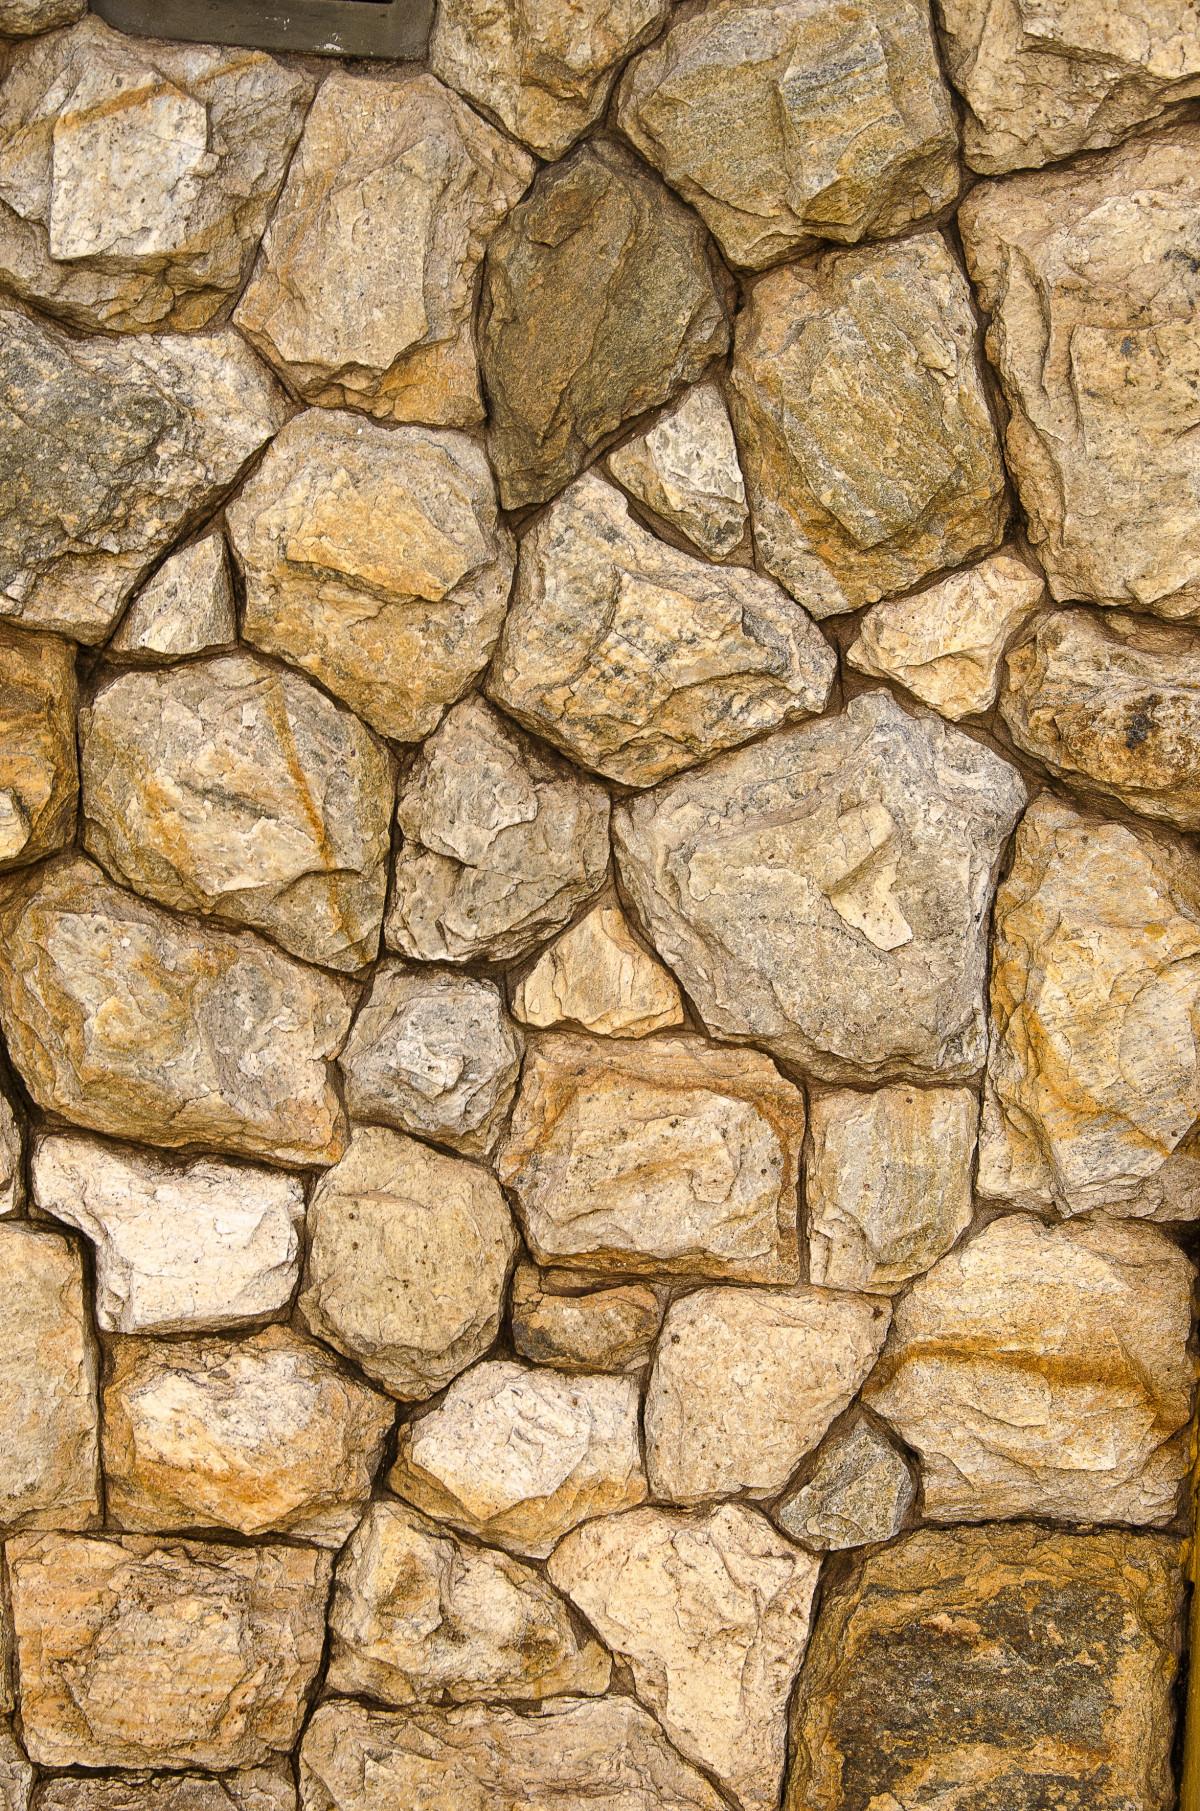 Fotos gratis rock madera textura piso edificio pared suelo pared de piedra ladrillo Piedra para paredes